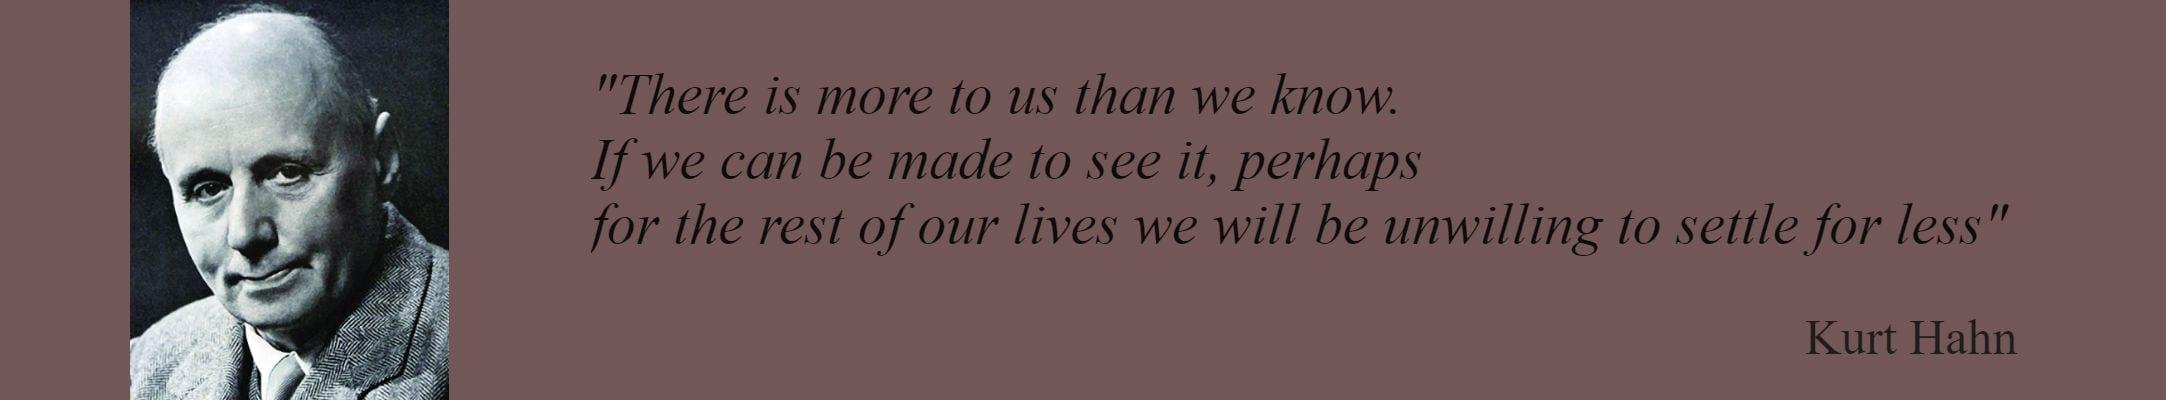 Kurt-hahn-citat